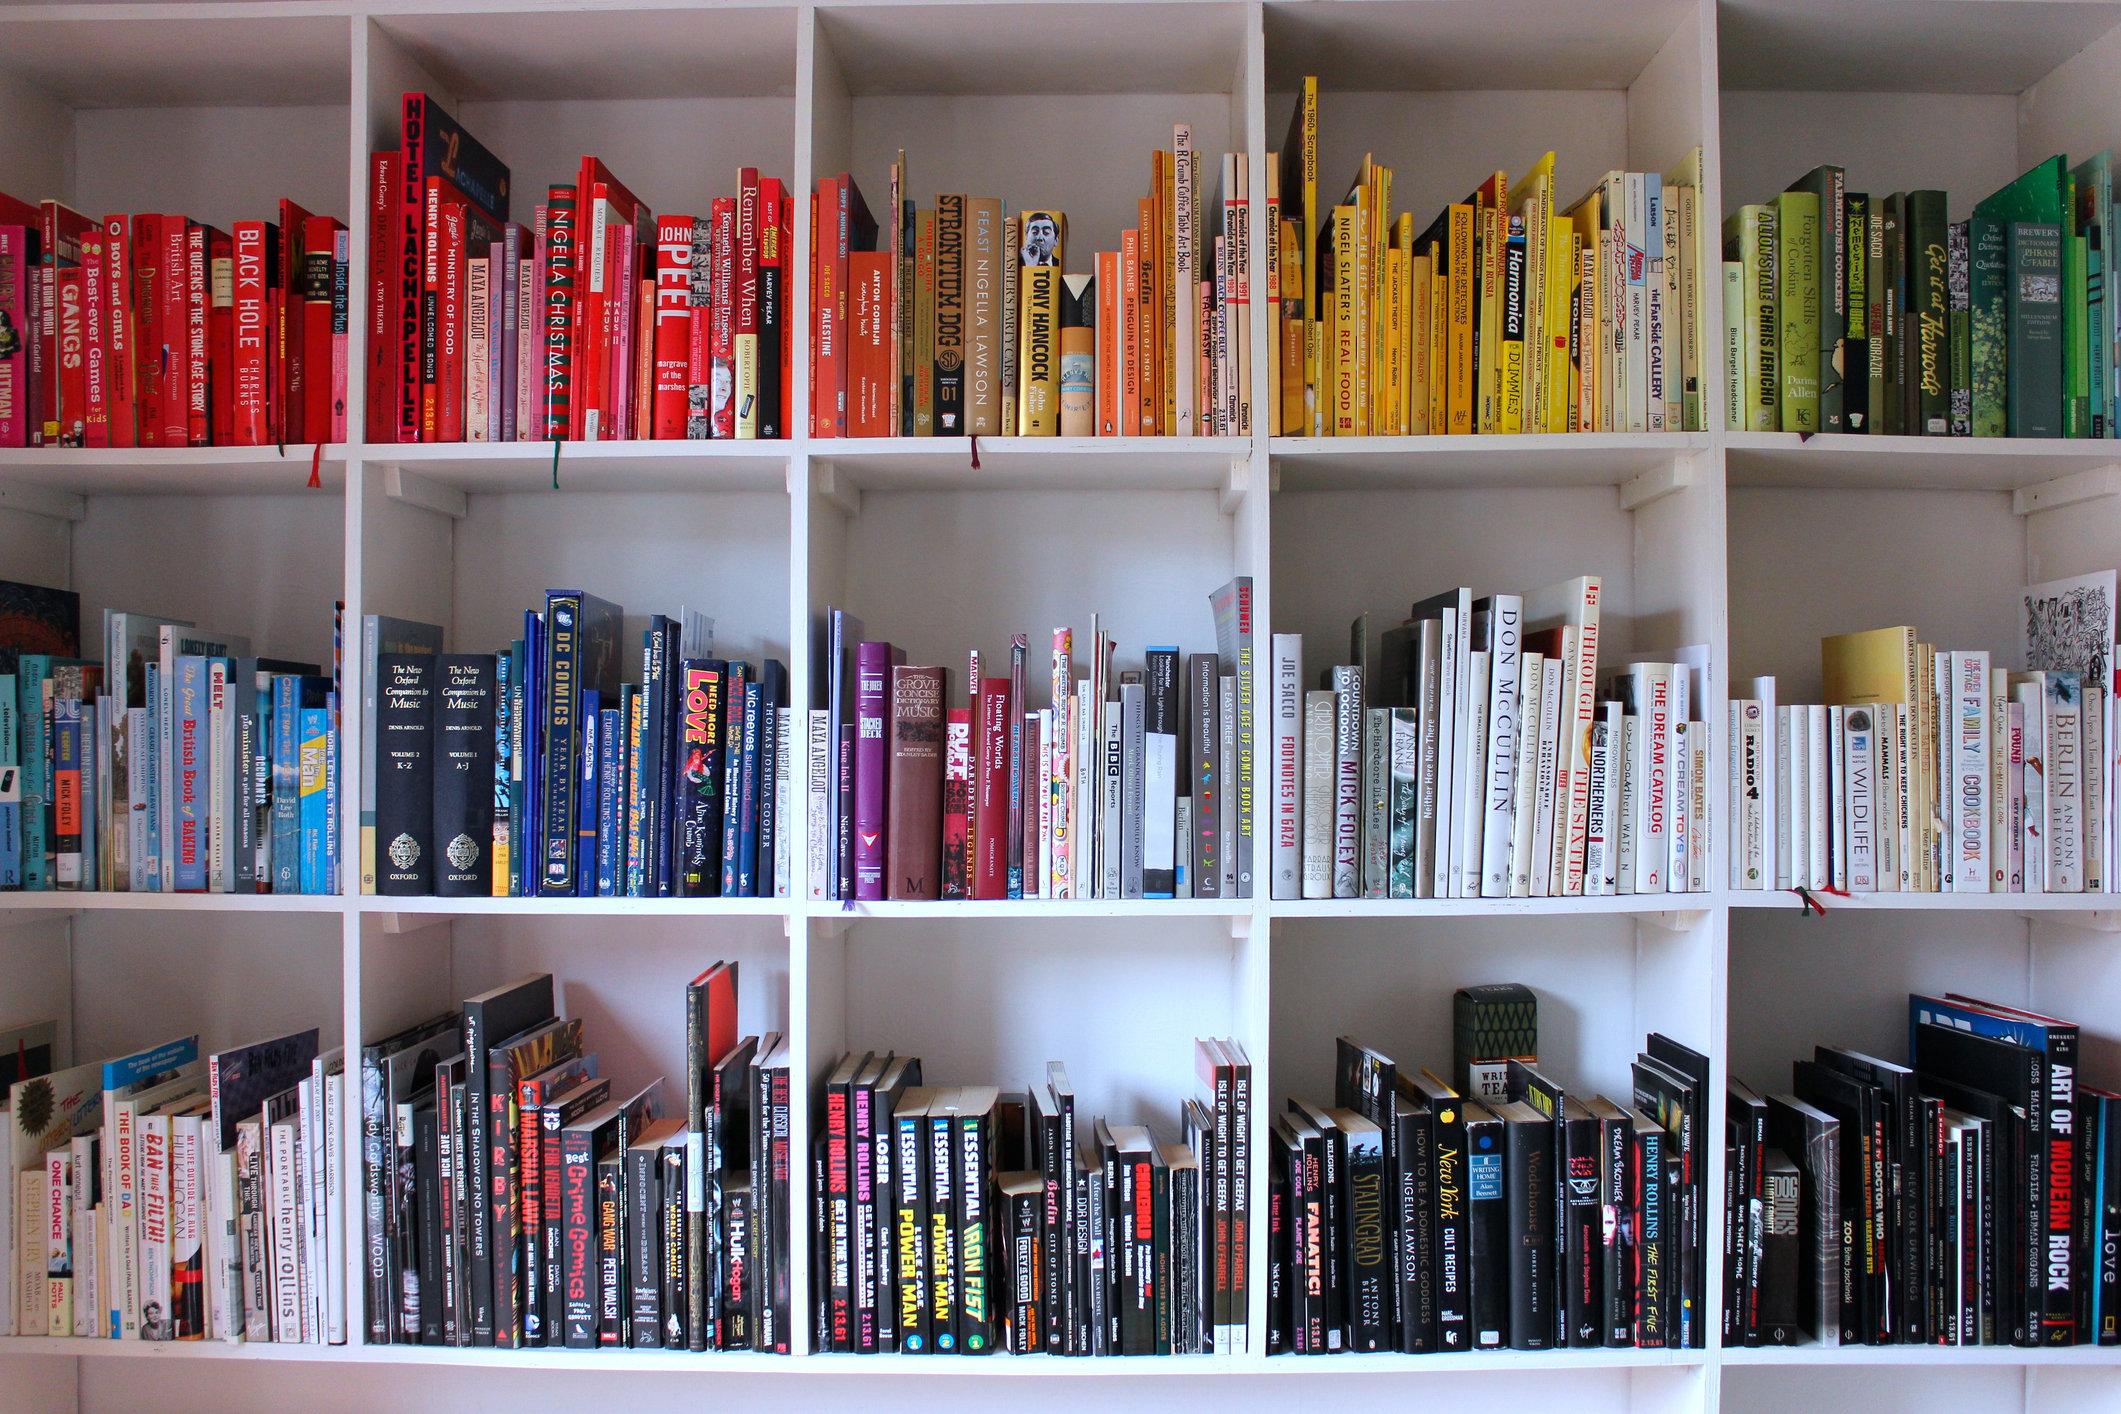 Books on white shelves arranged in rainbow coloured order.